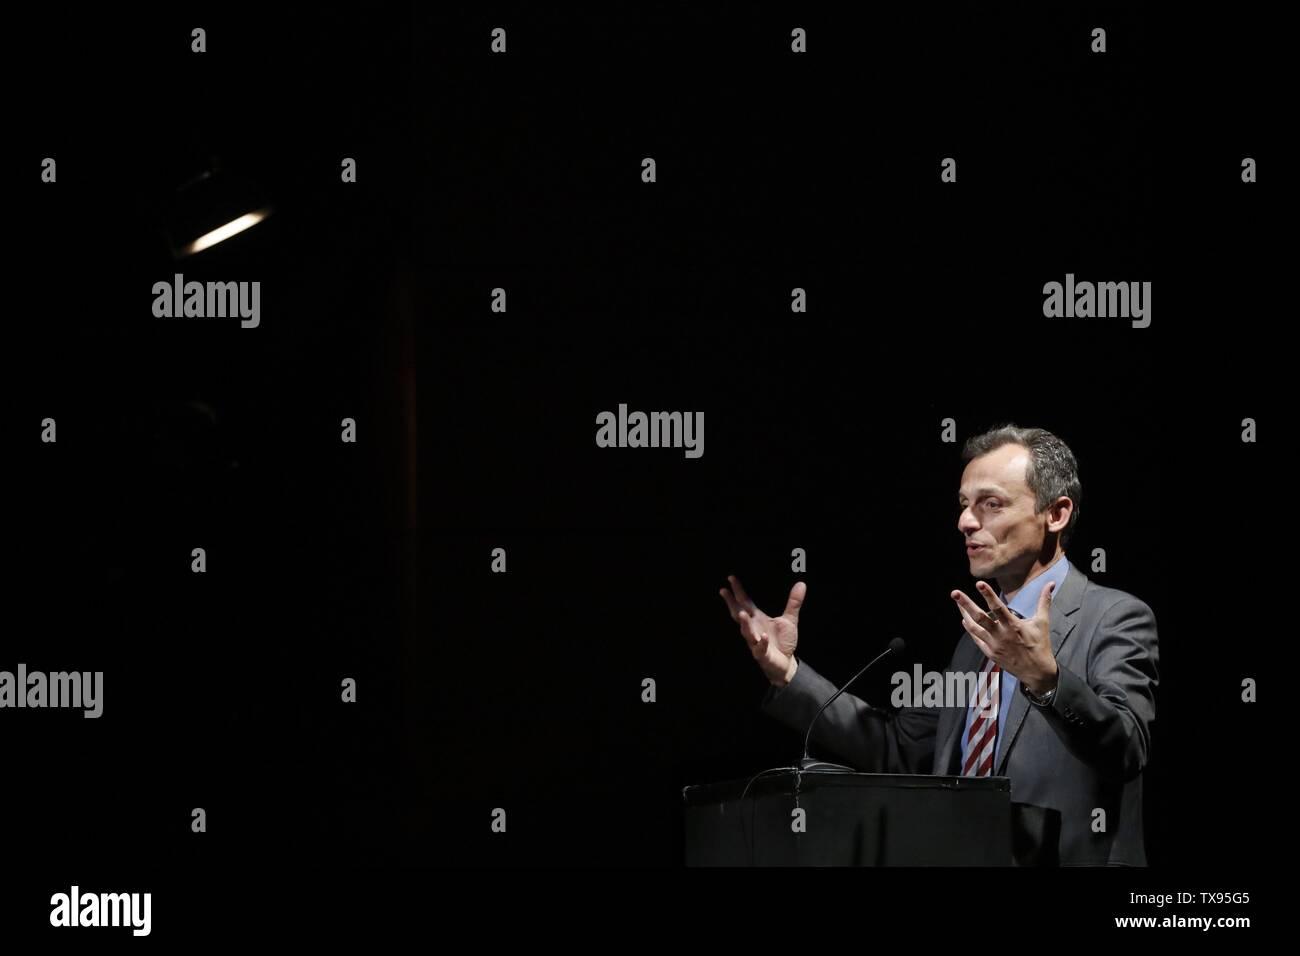 Madrid, España. 24 de junio de 2019. La ministra española de Ciencia, Innovación y universidades, Pedro Duque, asiste a un acto celebrado en Madrid, España, 24 de junio de 2019. Duque y el astronauta francés Thomas Pesquet habló sobre el presente y el futuro de la exploración espacial en Europa. Crédito: Javier Lizon/EFE/Alamy Live News Imagen De Stock